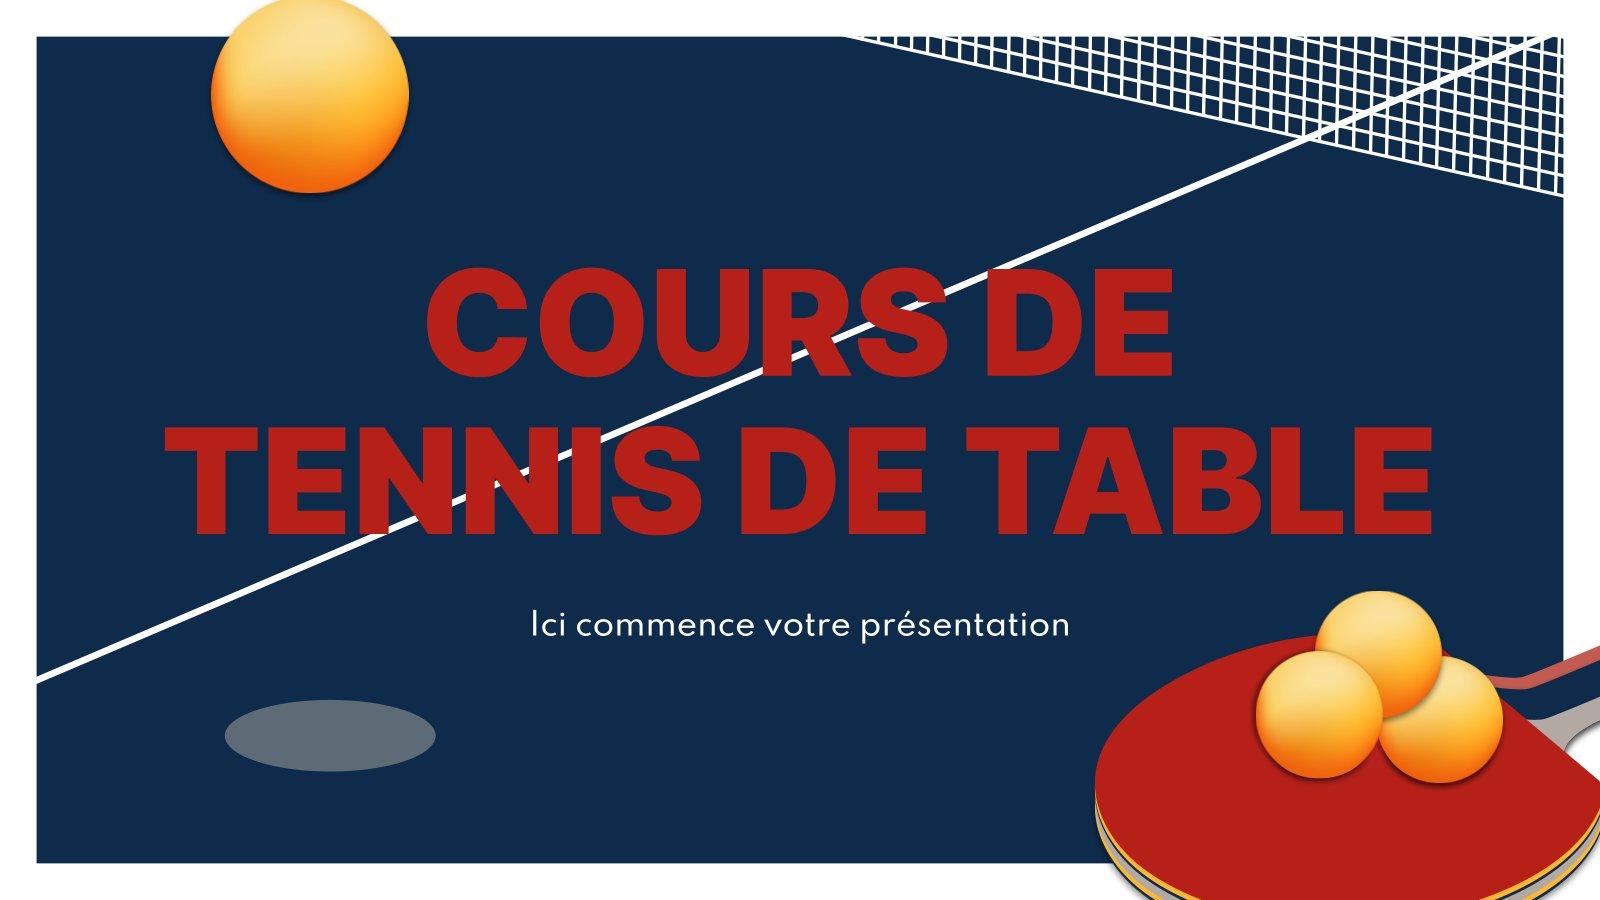 Cours de Tennis de Table presentation template